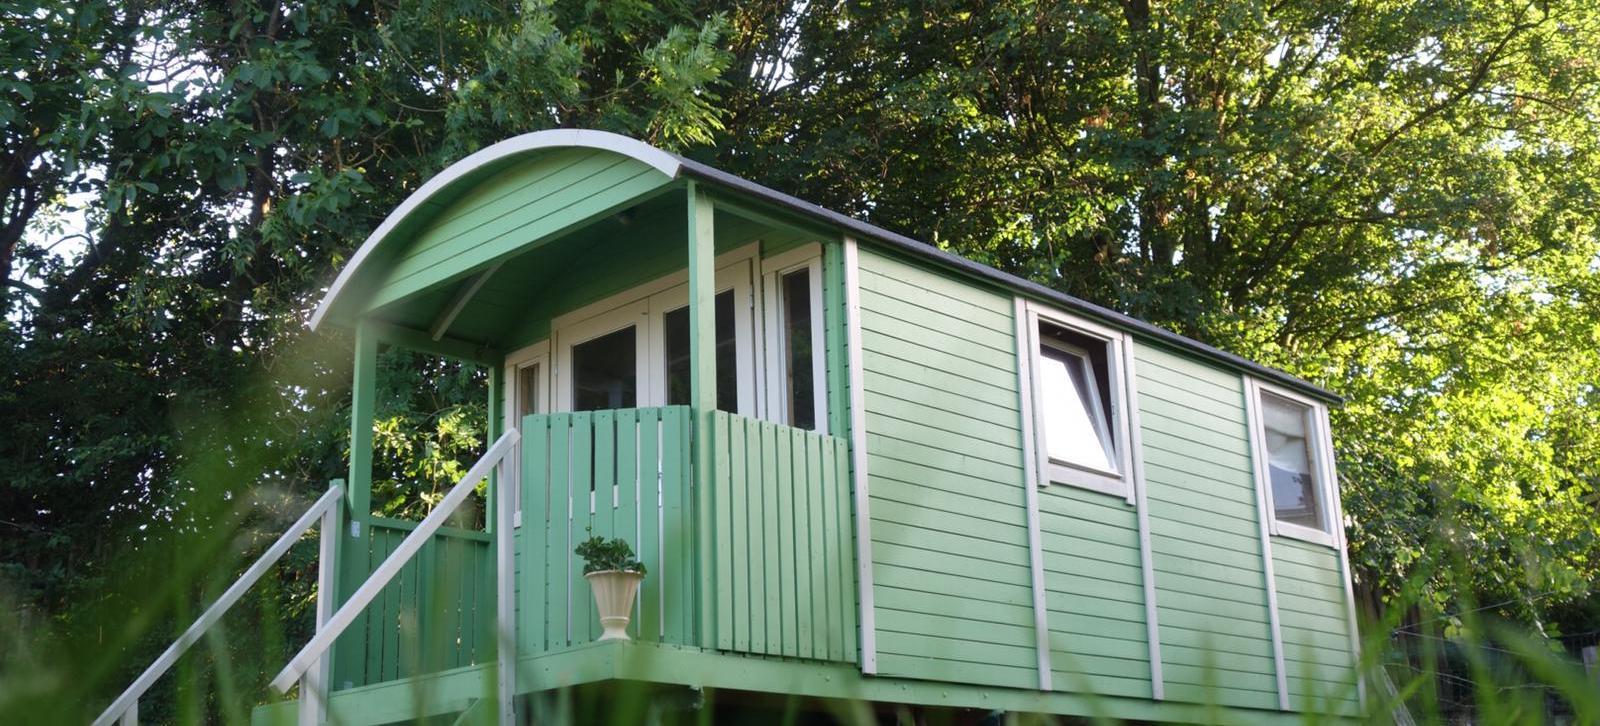 Supertrips - Camping het Achterhuis